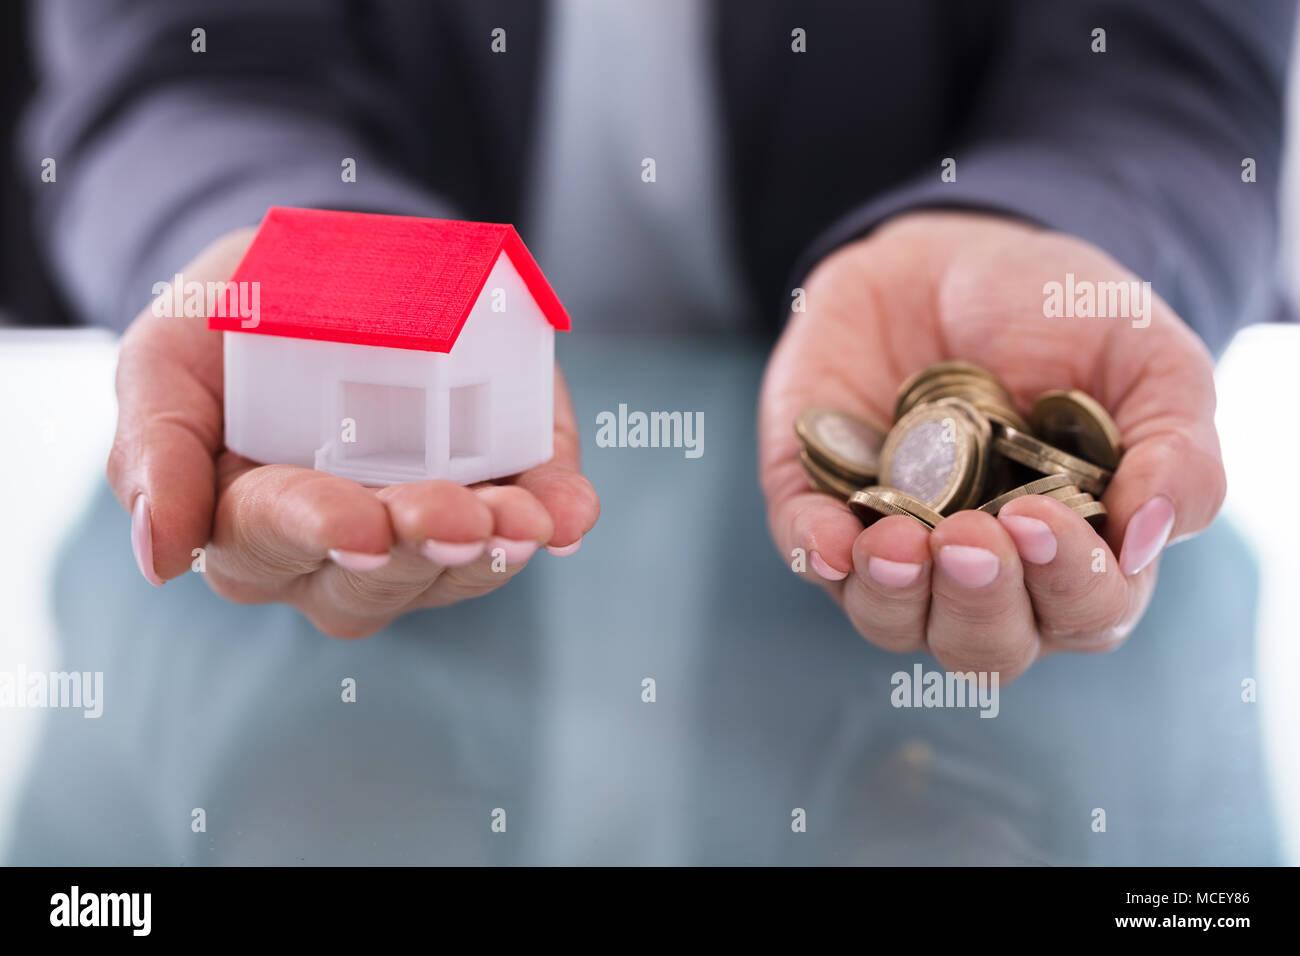 Nahaufnahme der Kaufmann Hand Münzen und Haus Modell Stockfoto